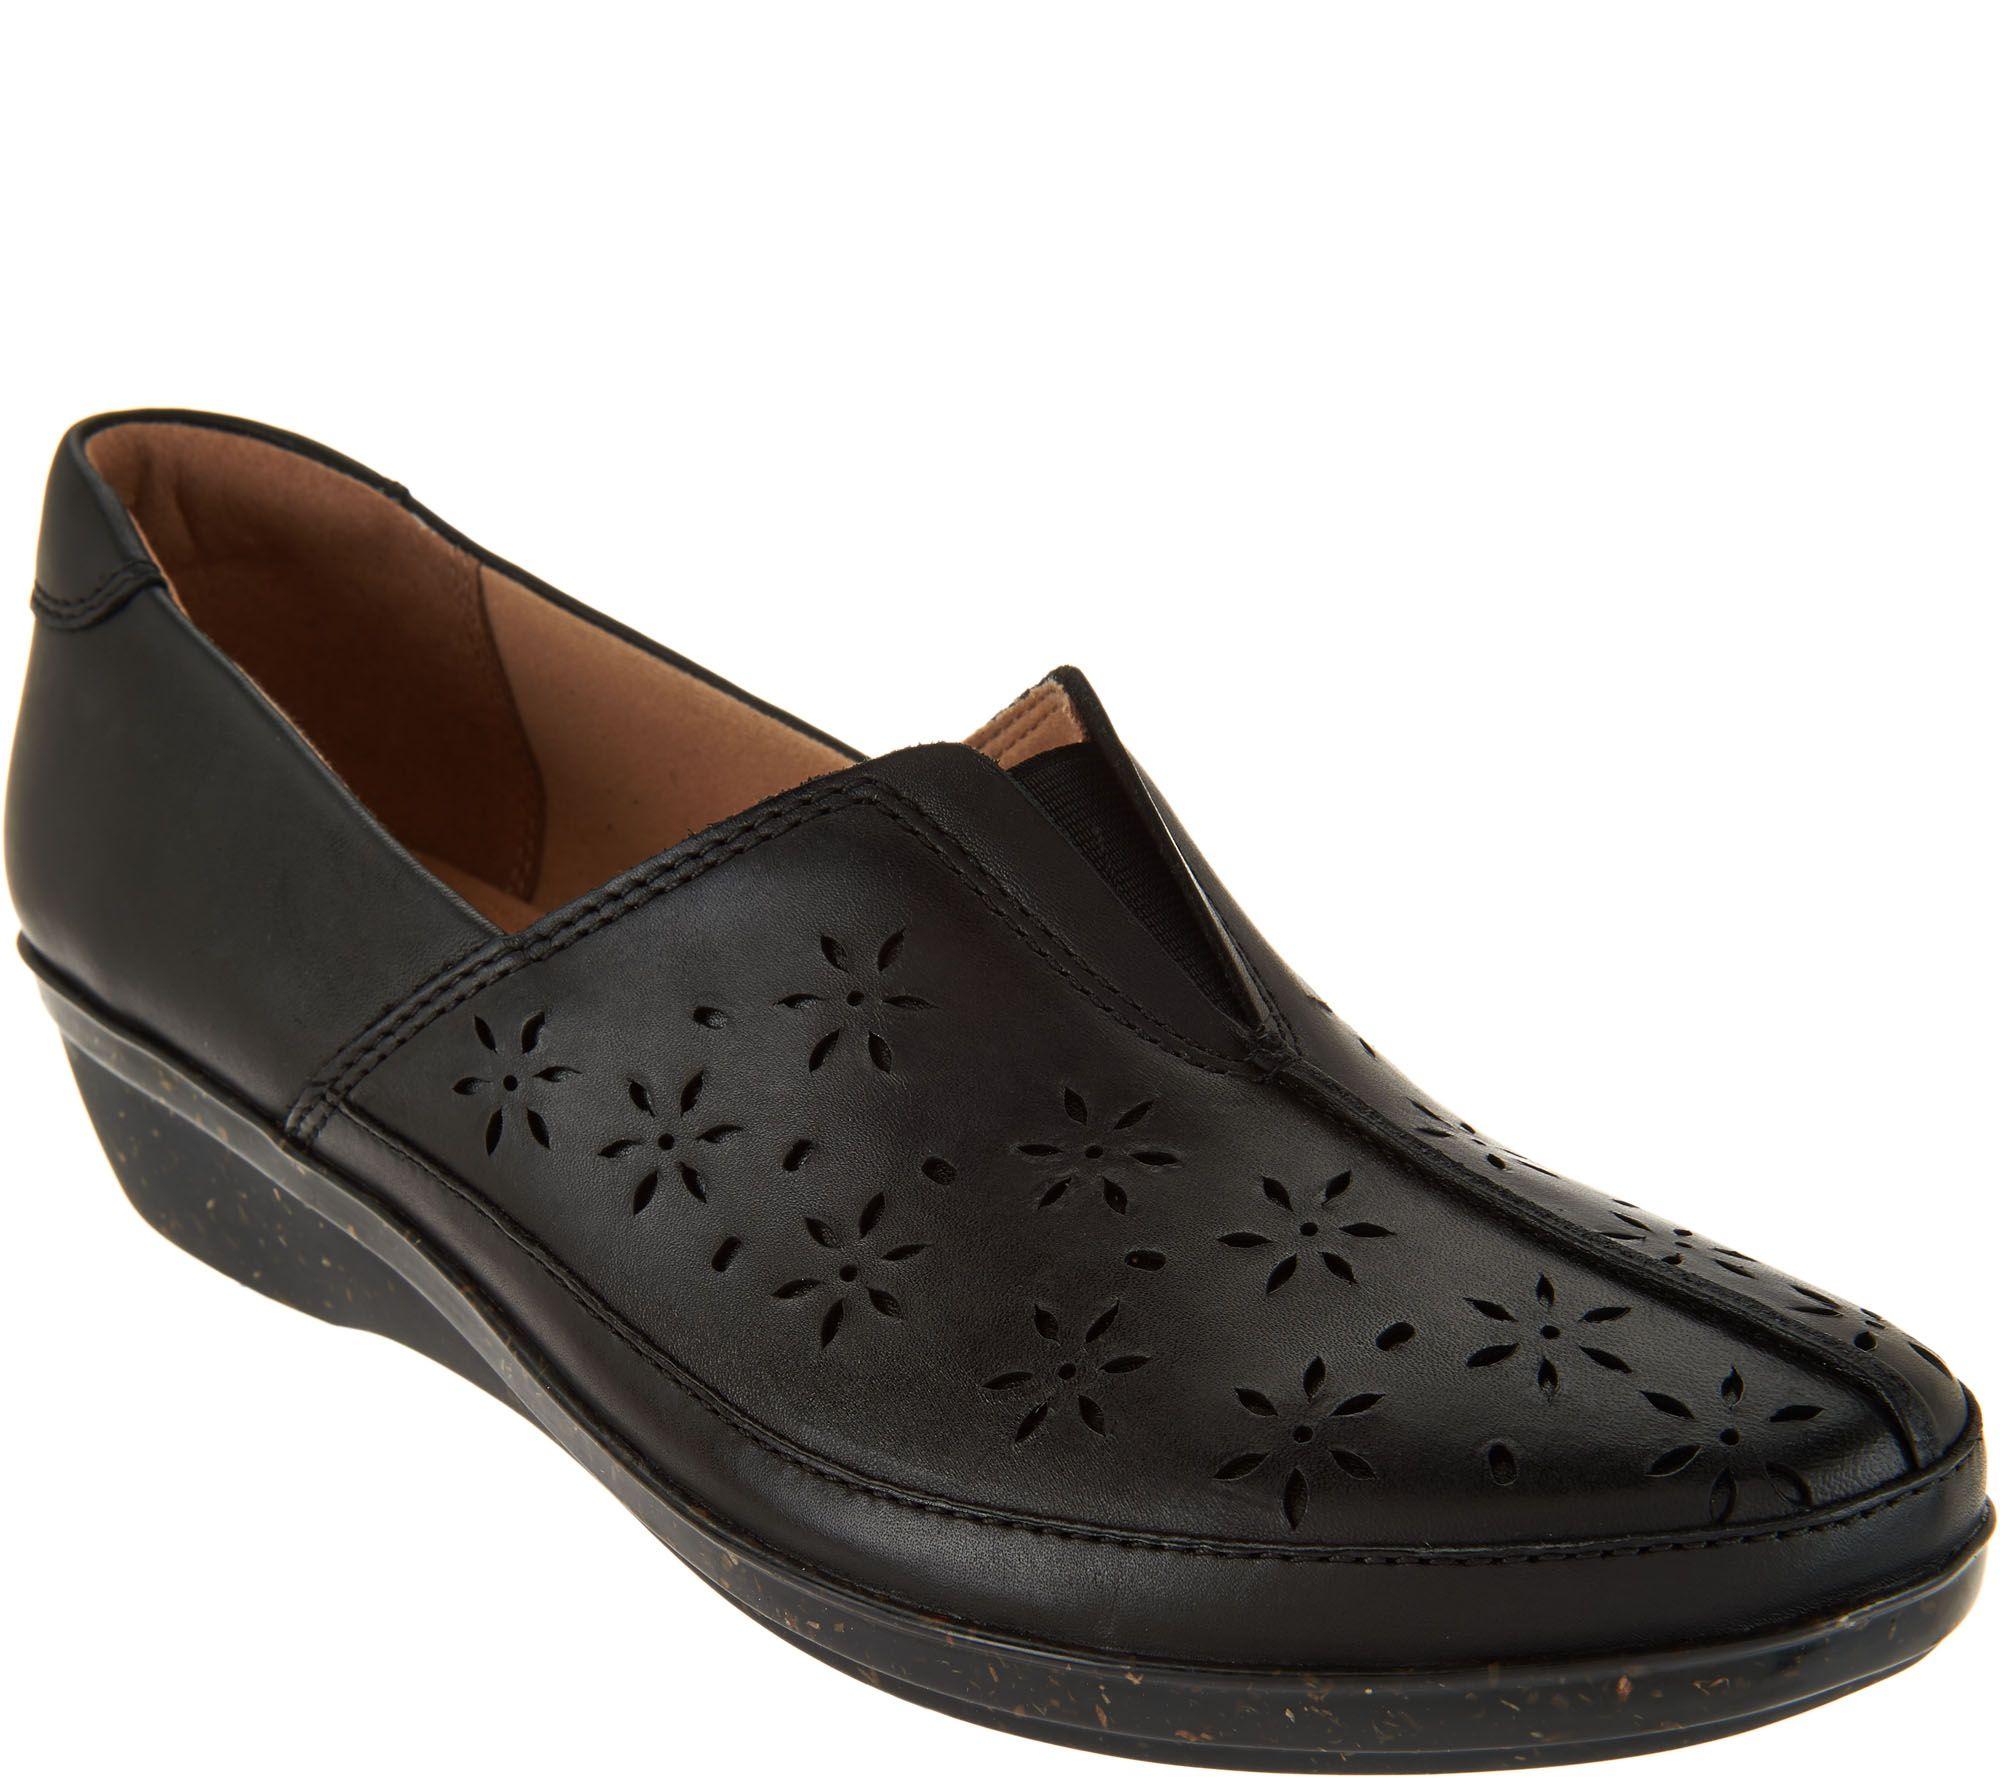 Dairyn Pour ClarksEverlay ClarksEverlay Dairyn Chaussures 5ARjq34L